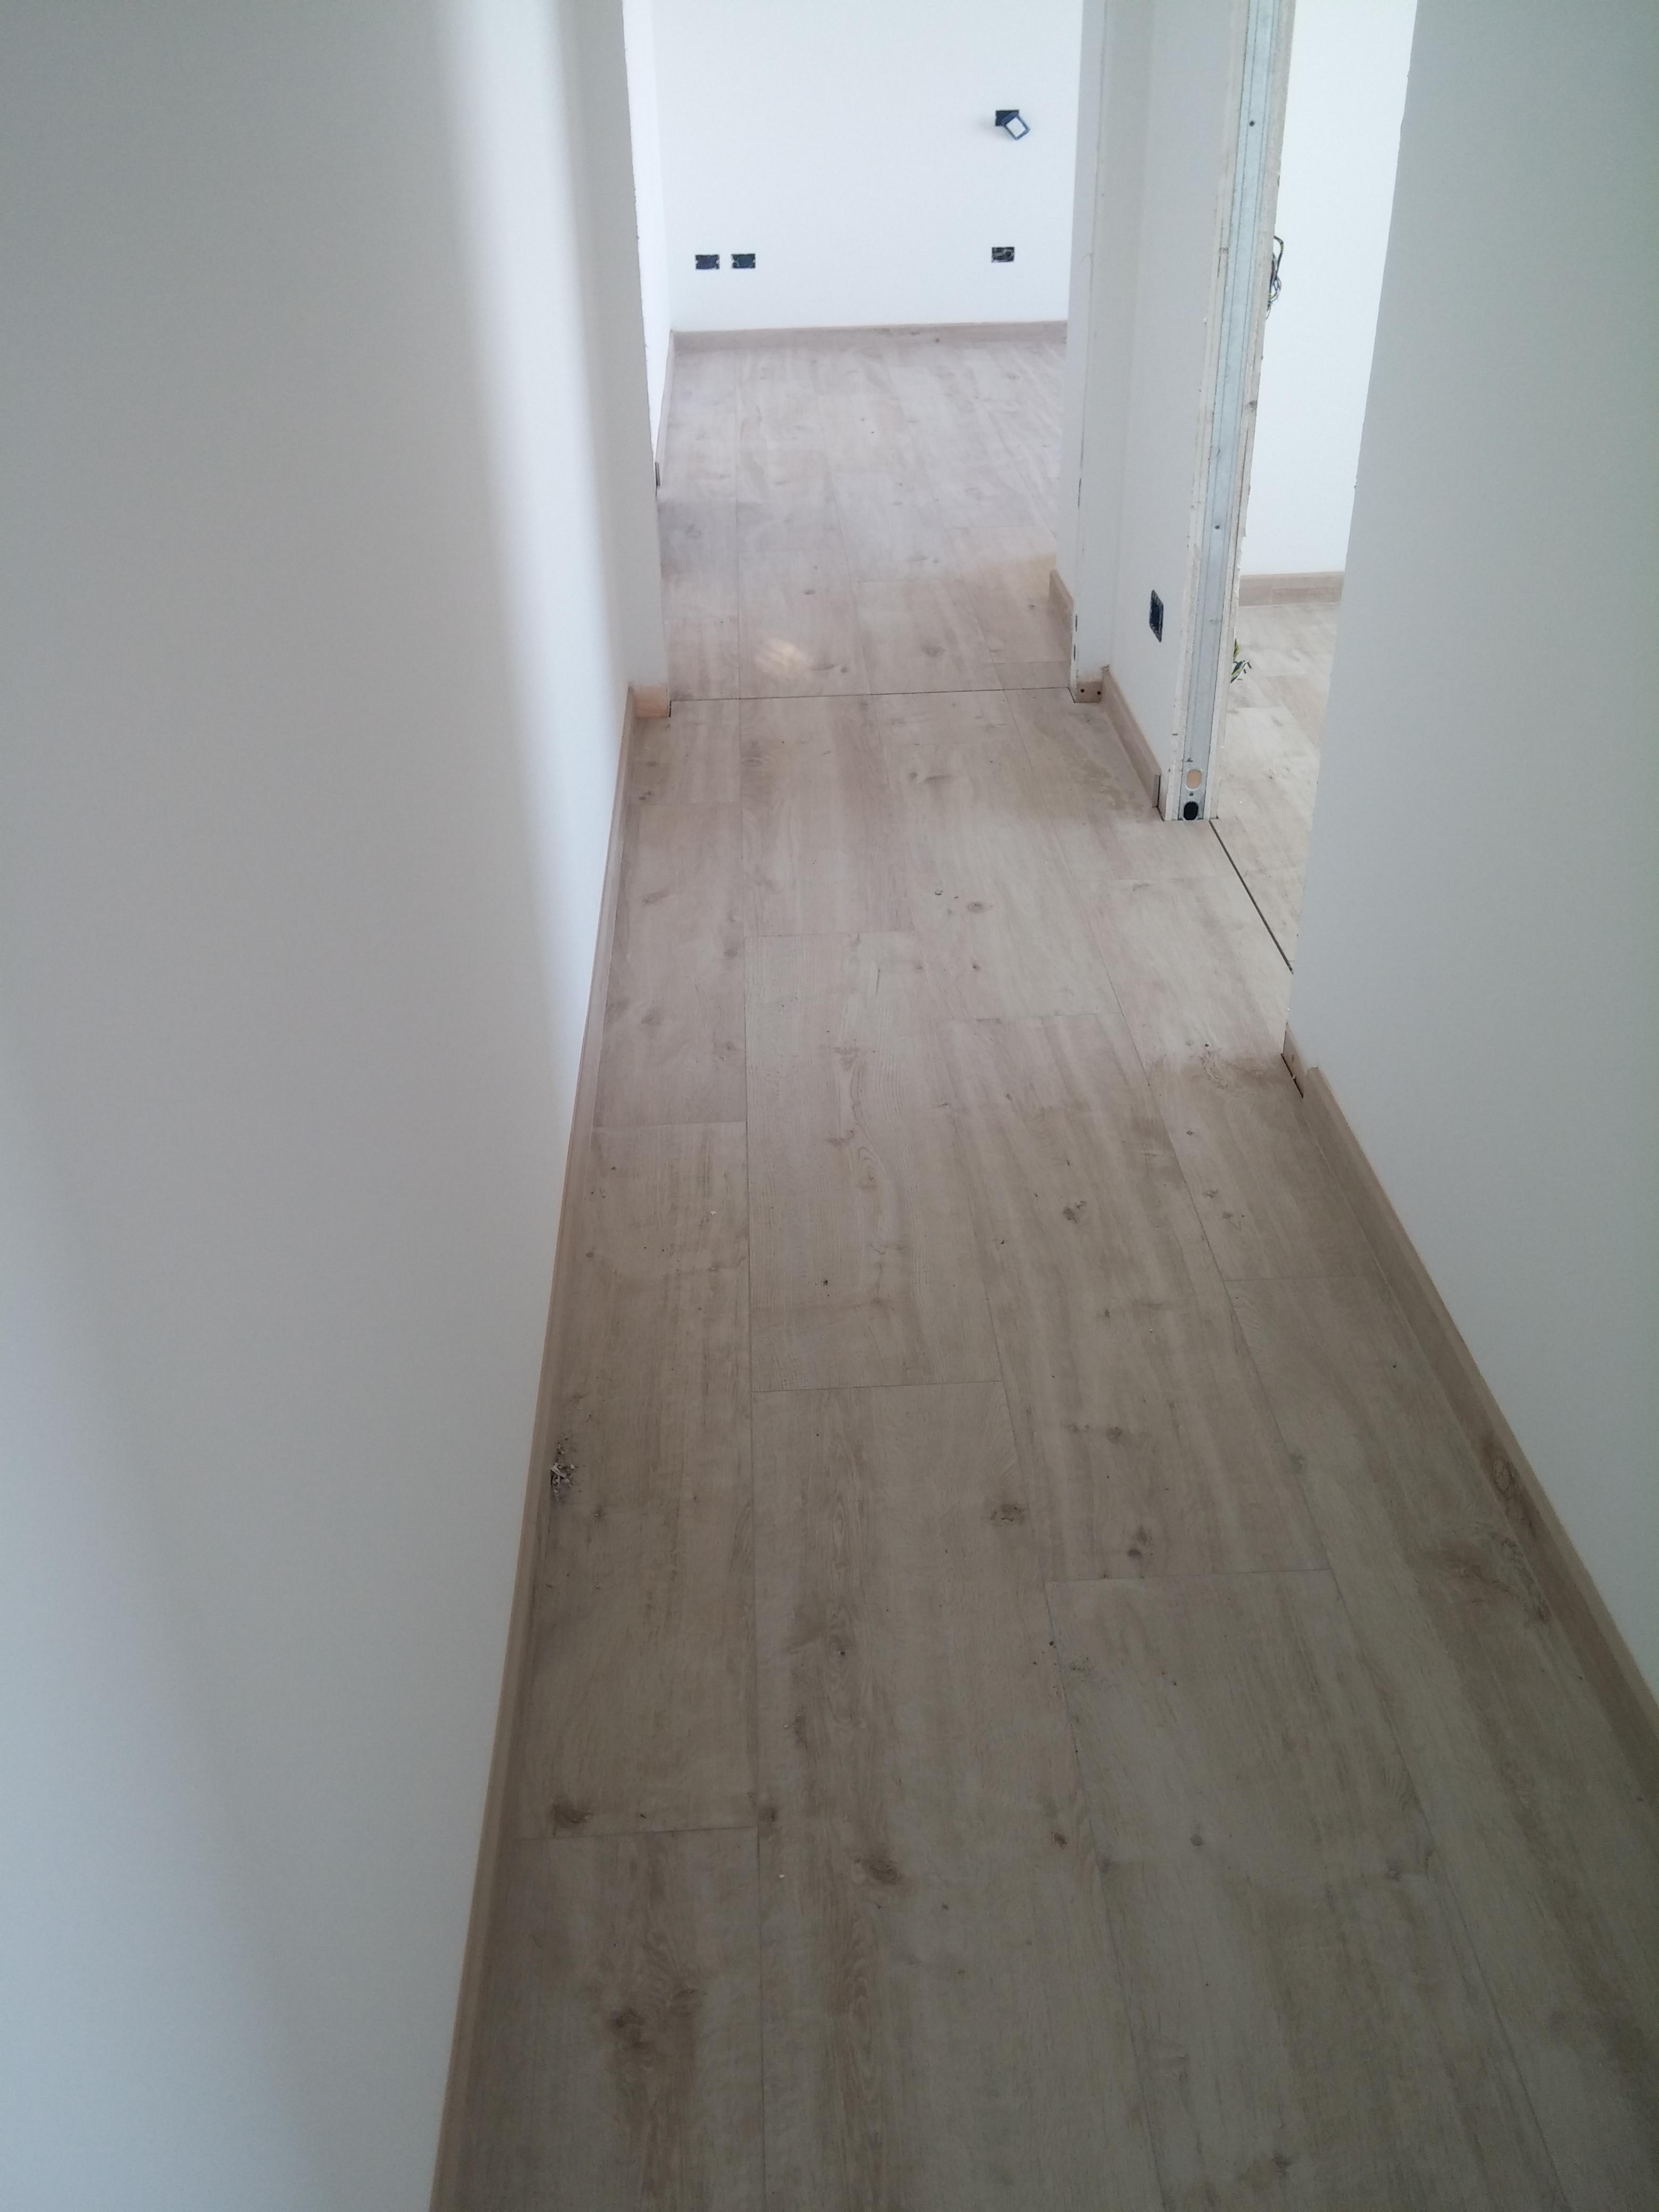 Pavimento in gres effetto legno pavimento effetto legno - Pavimento in legno in cucina ...